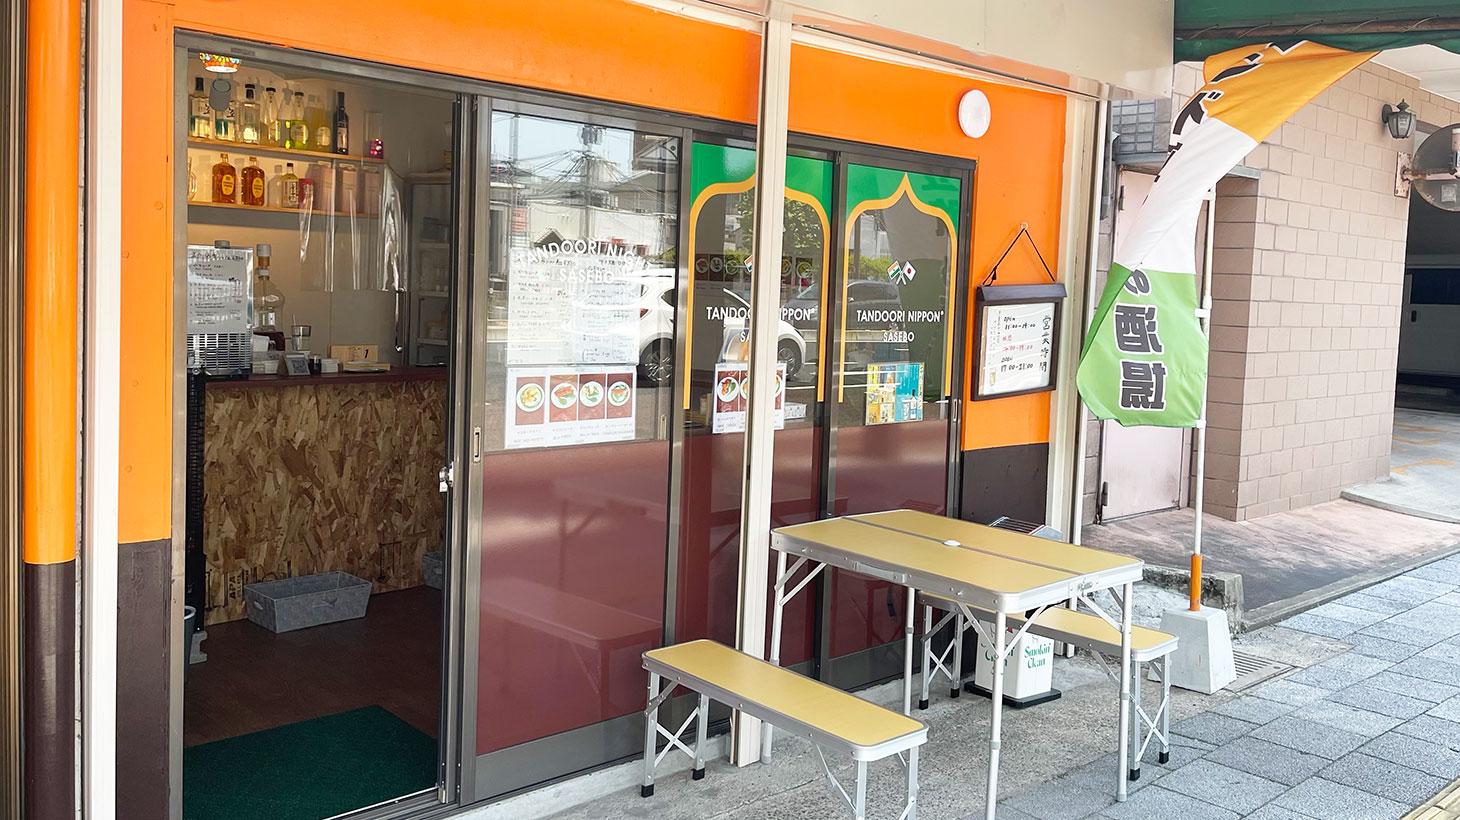 tandoorinipponテーブル席